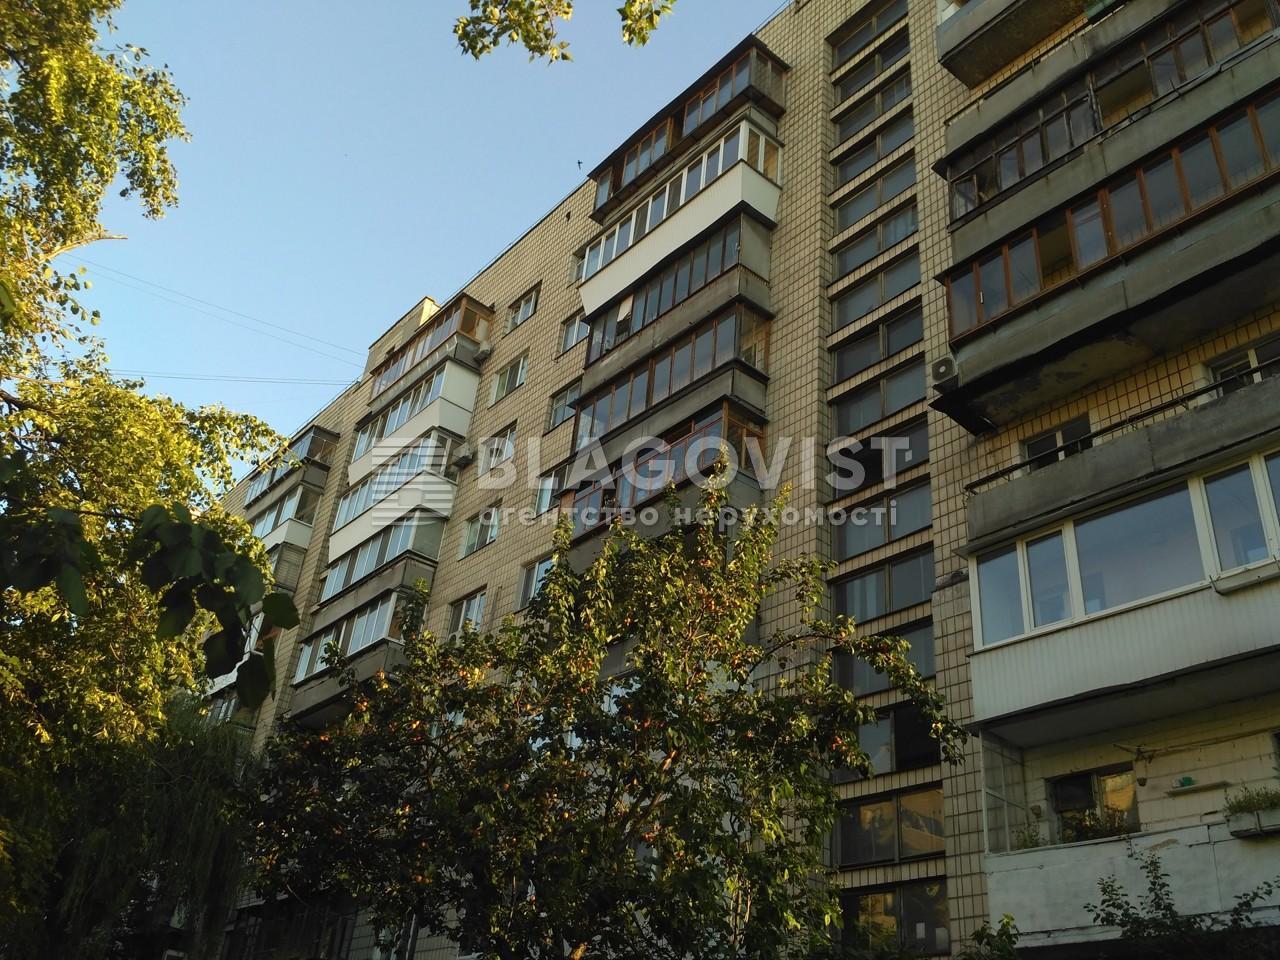 Квартира A-108647, Малокитаевская, 3, Киев - Фото 2